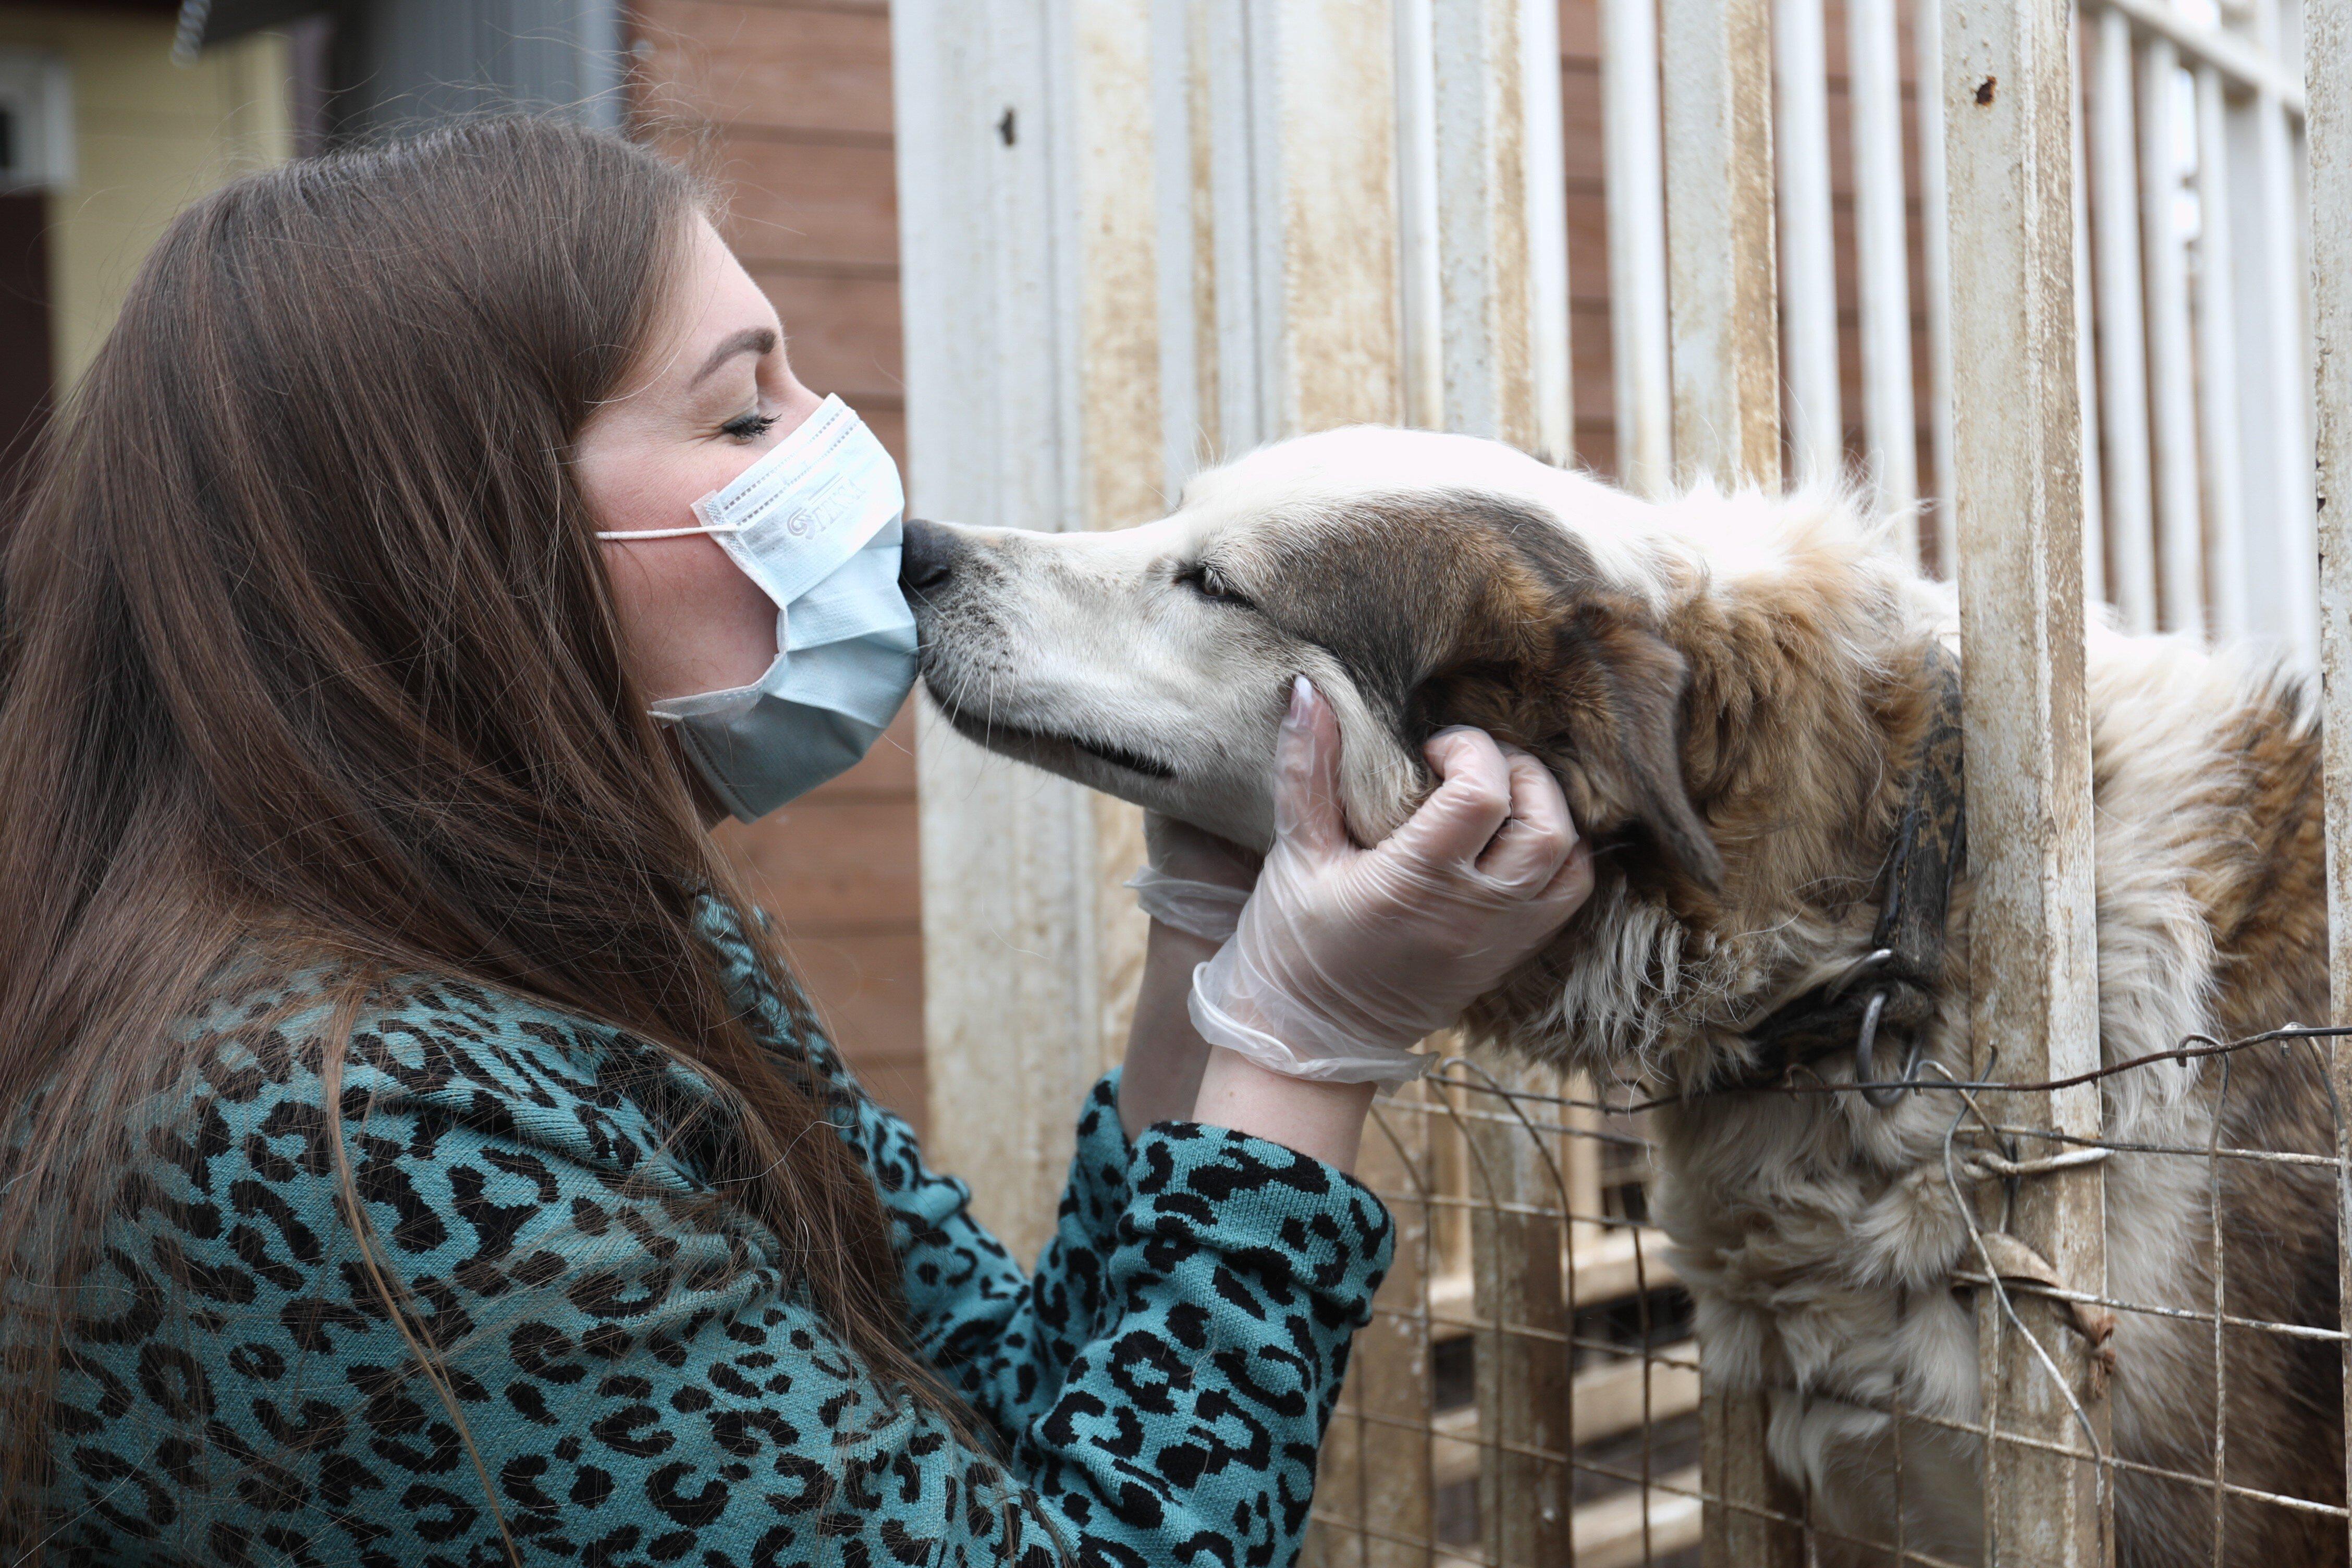 Учёные объявили кошек и собак распространителями британского штамма коронавируса